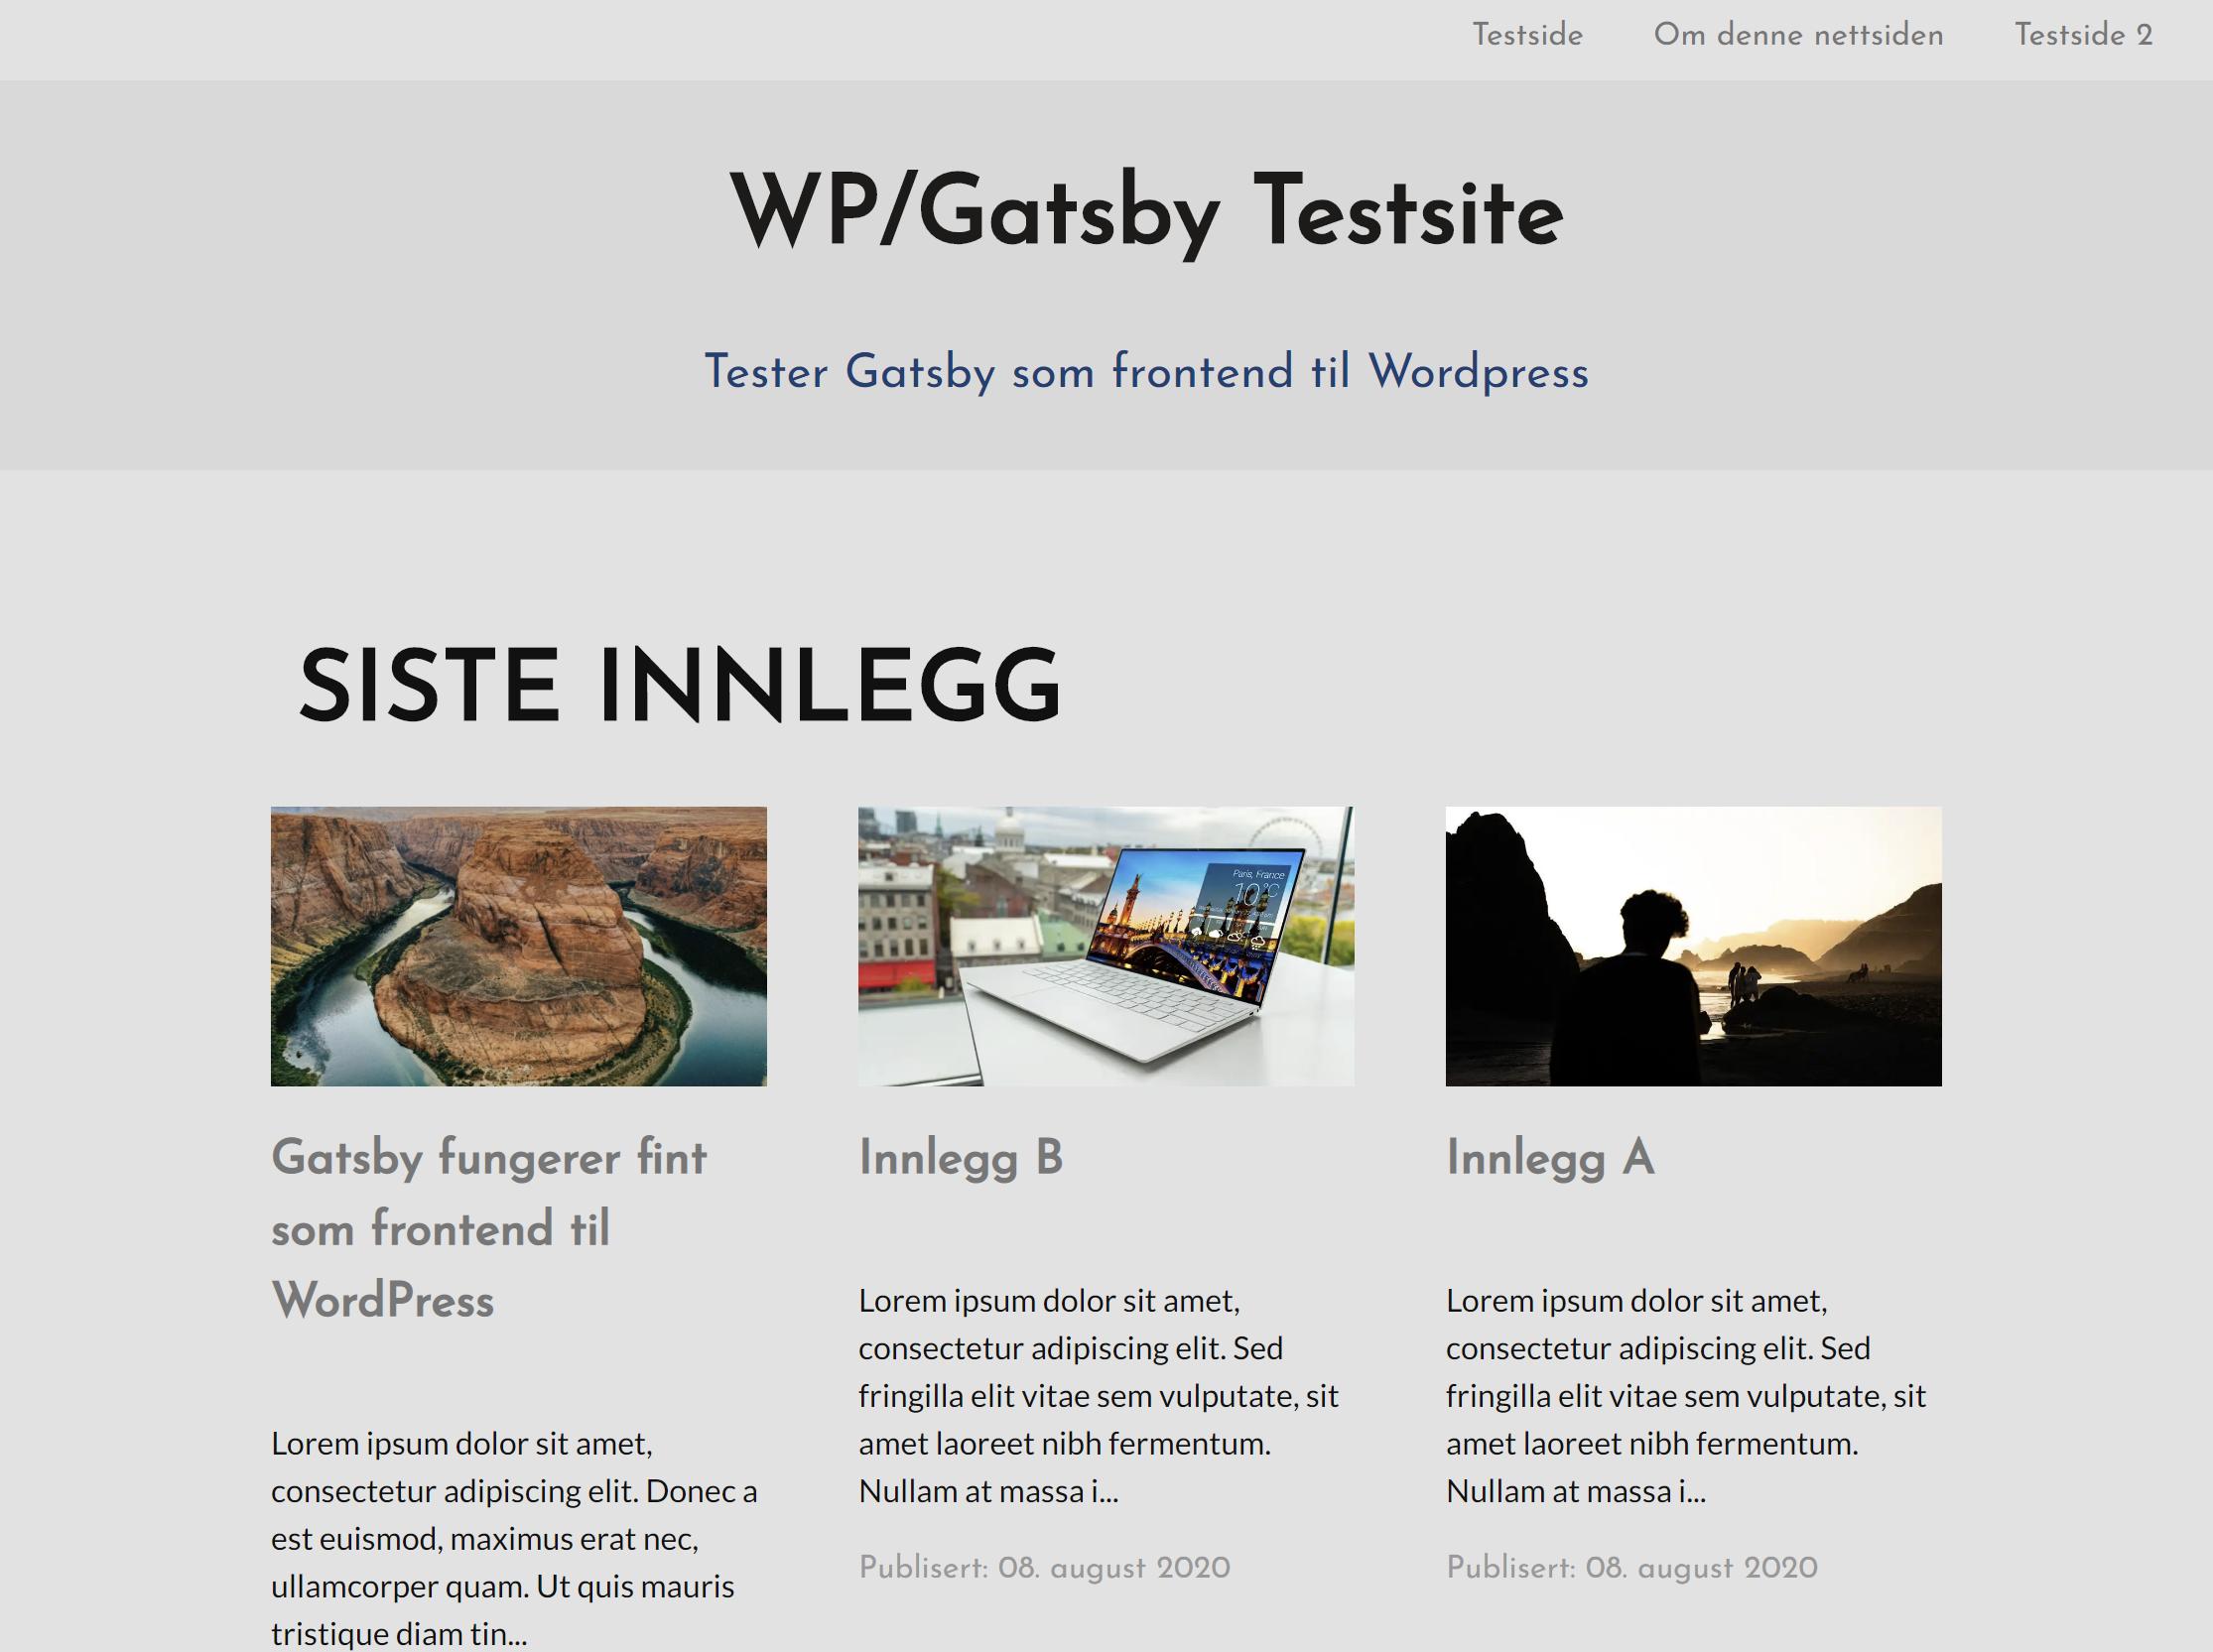 Skjermbilde som viser WP/Gatsby-nettsiden med siste innlegg.